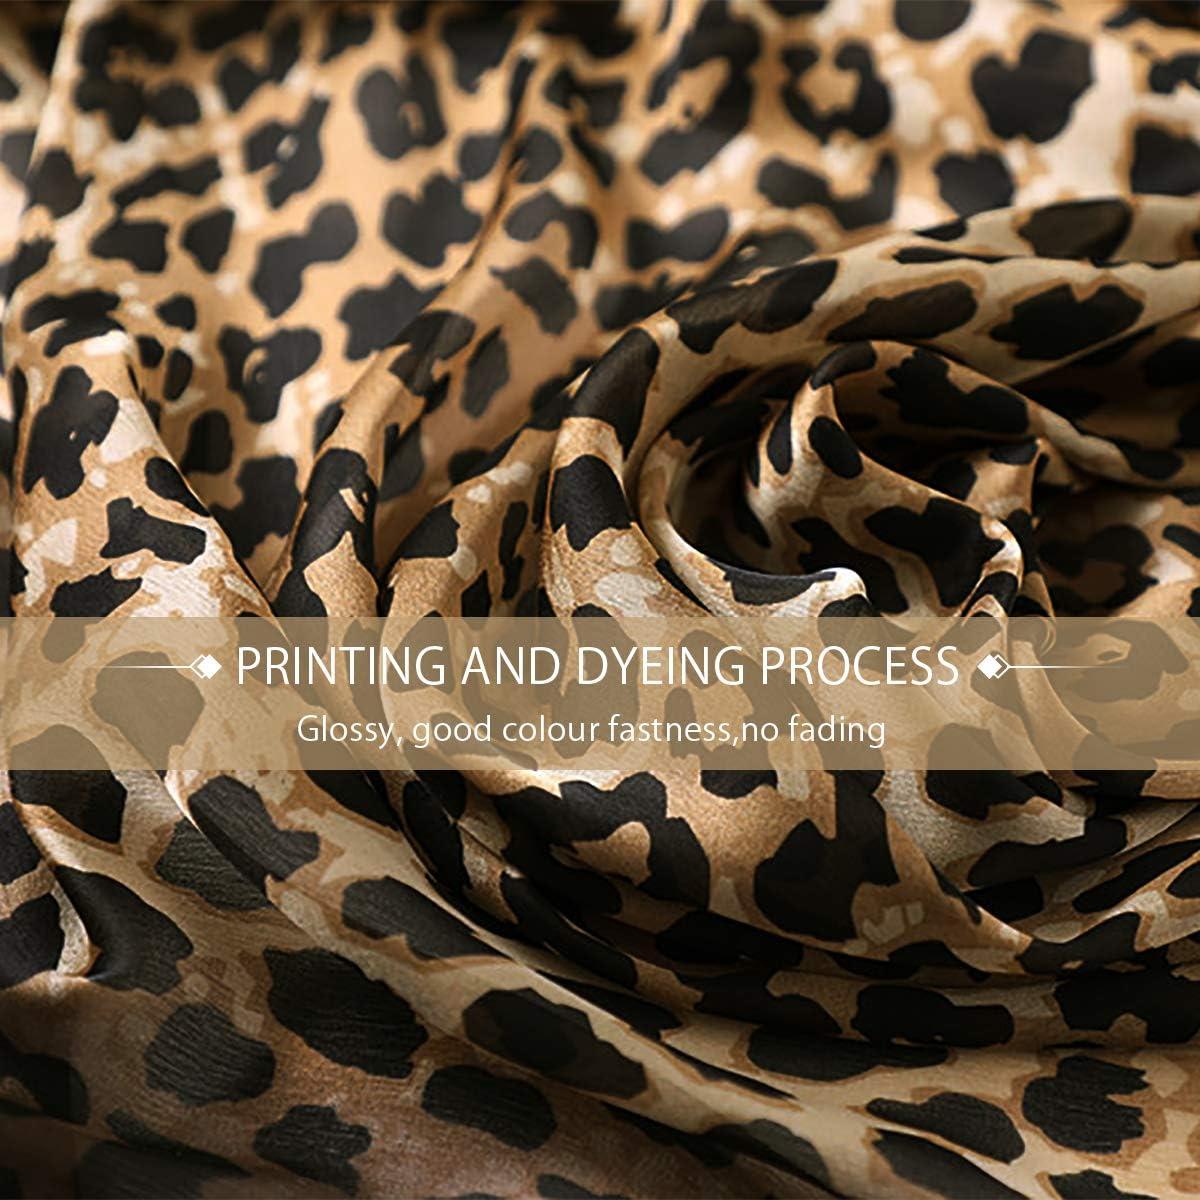 LumiSyne Sciarpa Di Seta Morbida Donna Stampa Animalier Sciarpa Leopardata Stampa Pavone Cavallo Lunghi Stole Scialle Protezione Solare Per Tutte Le Stagioni